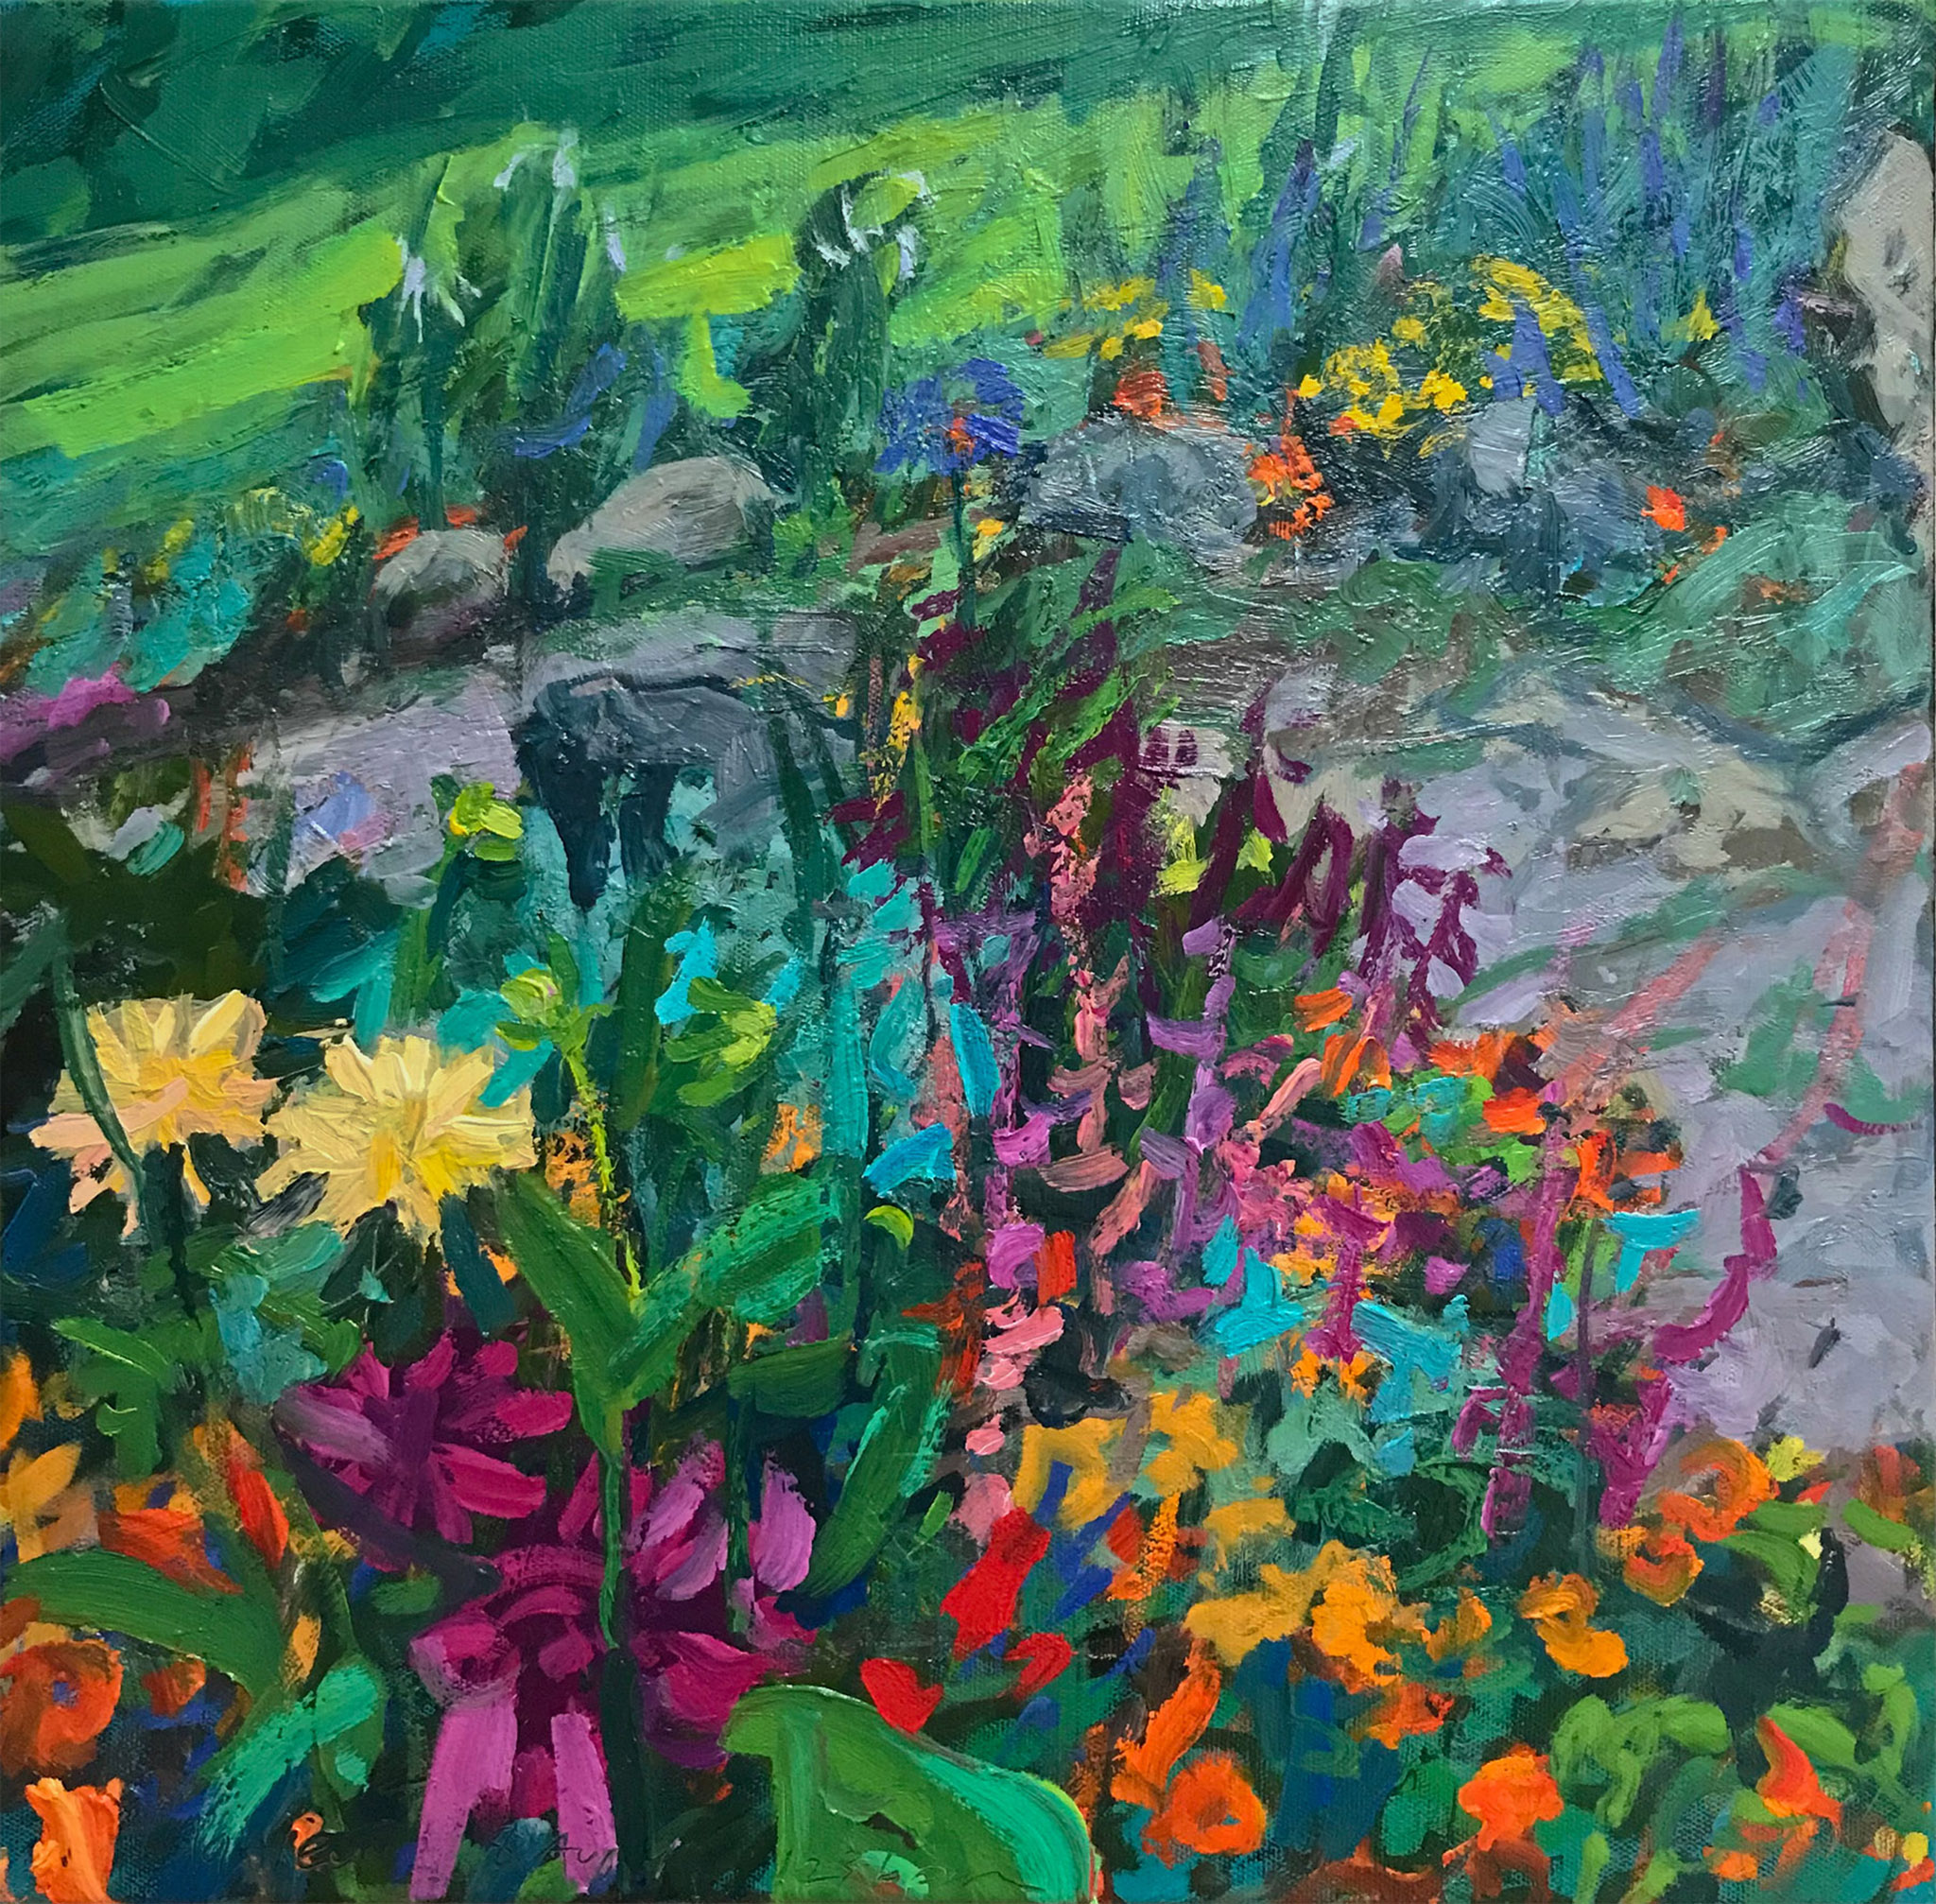 Impression—Sunlit Garden